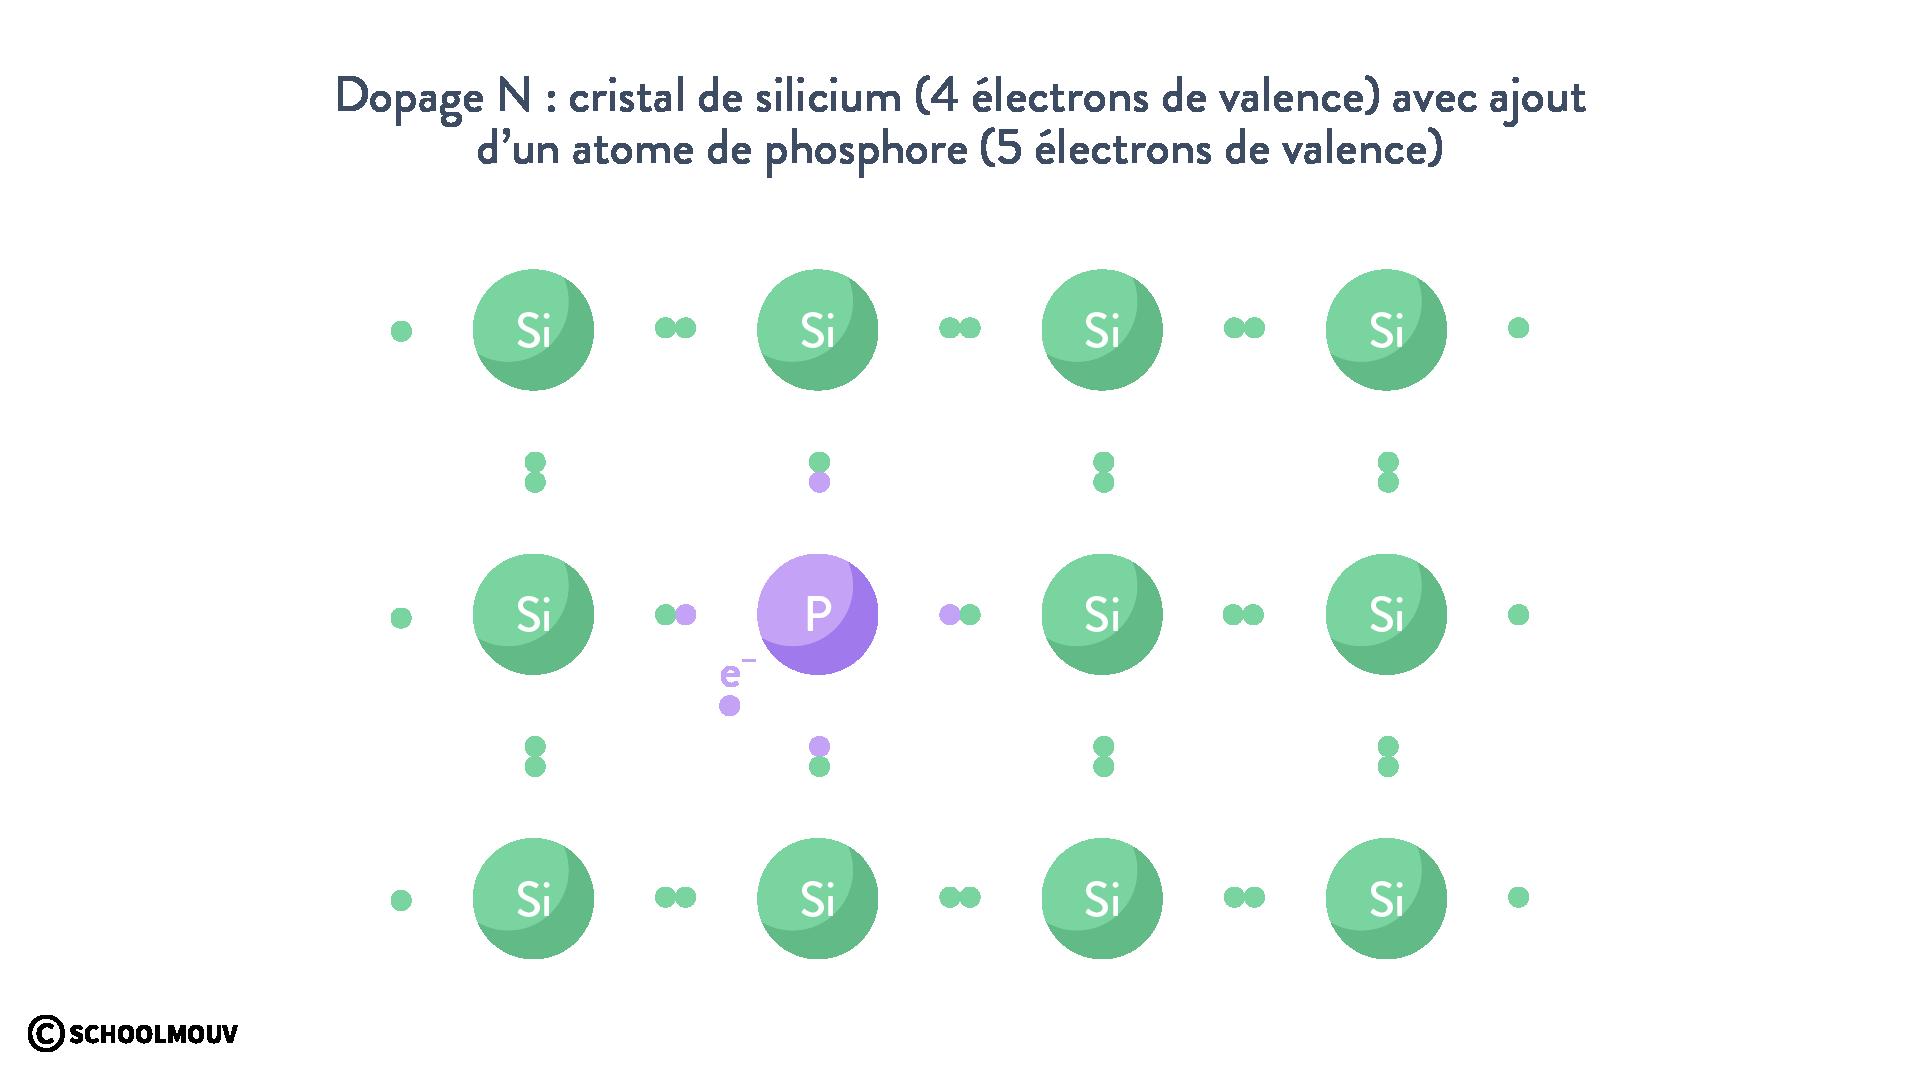 Dopage N silicium phosphore